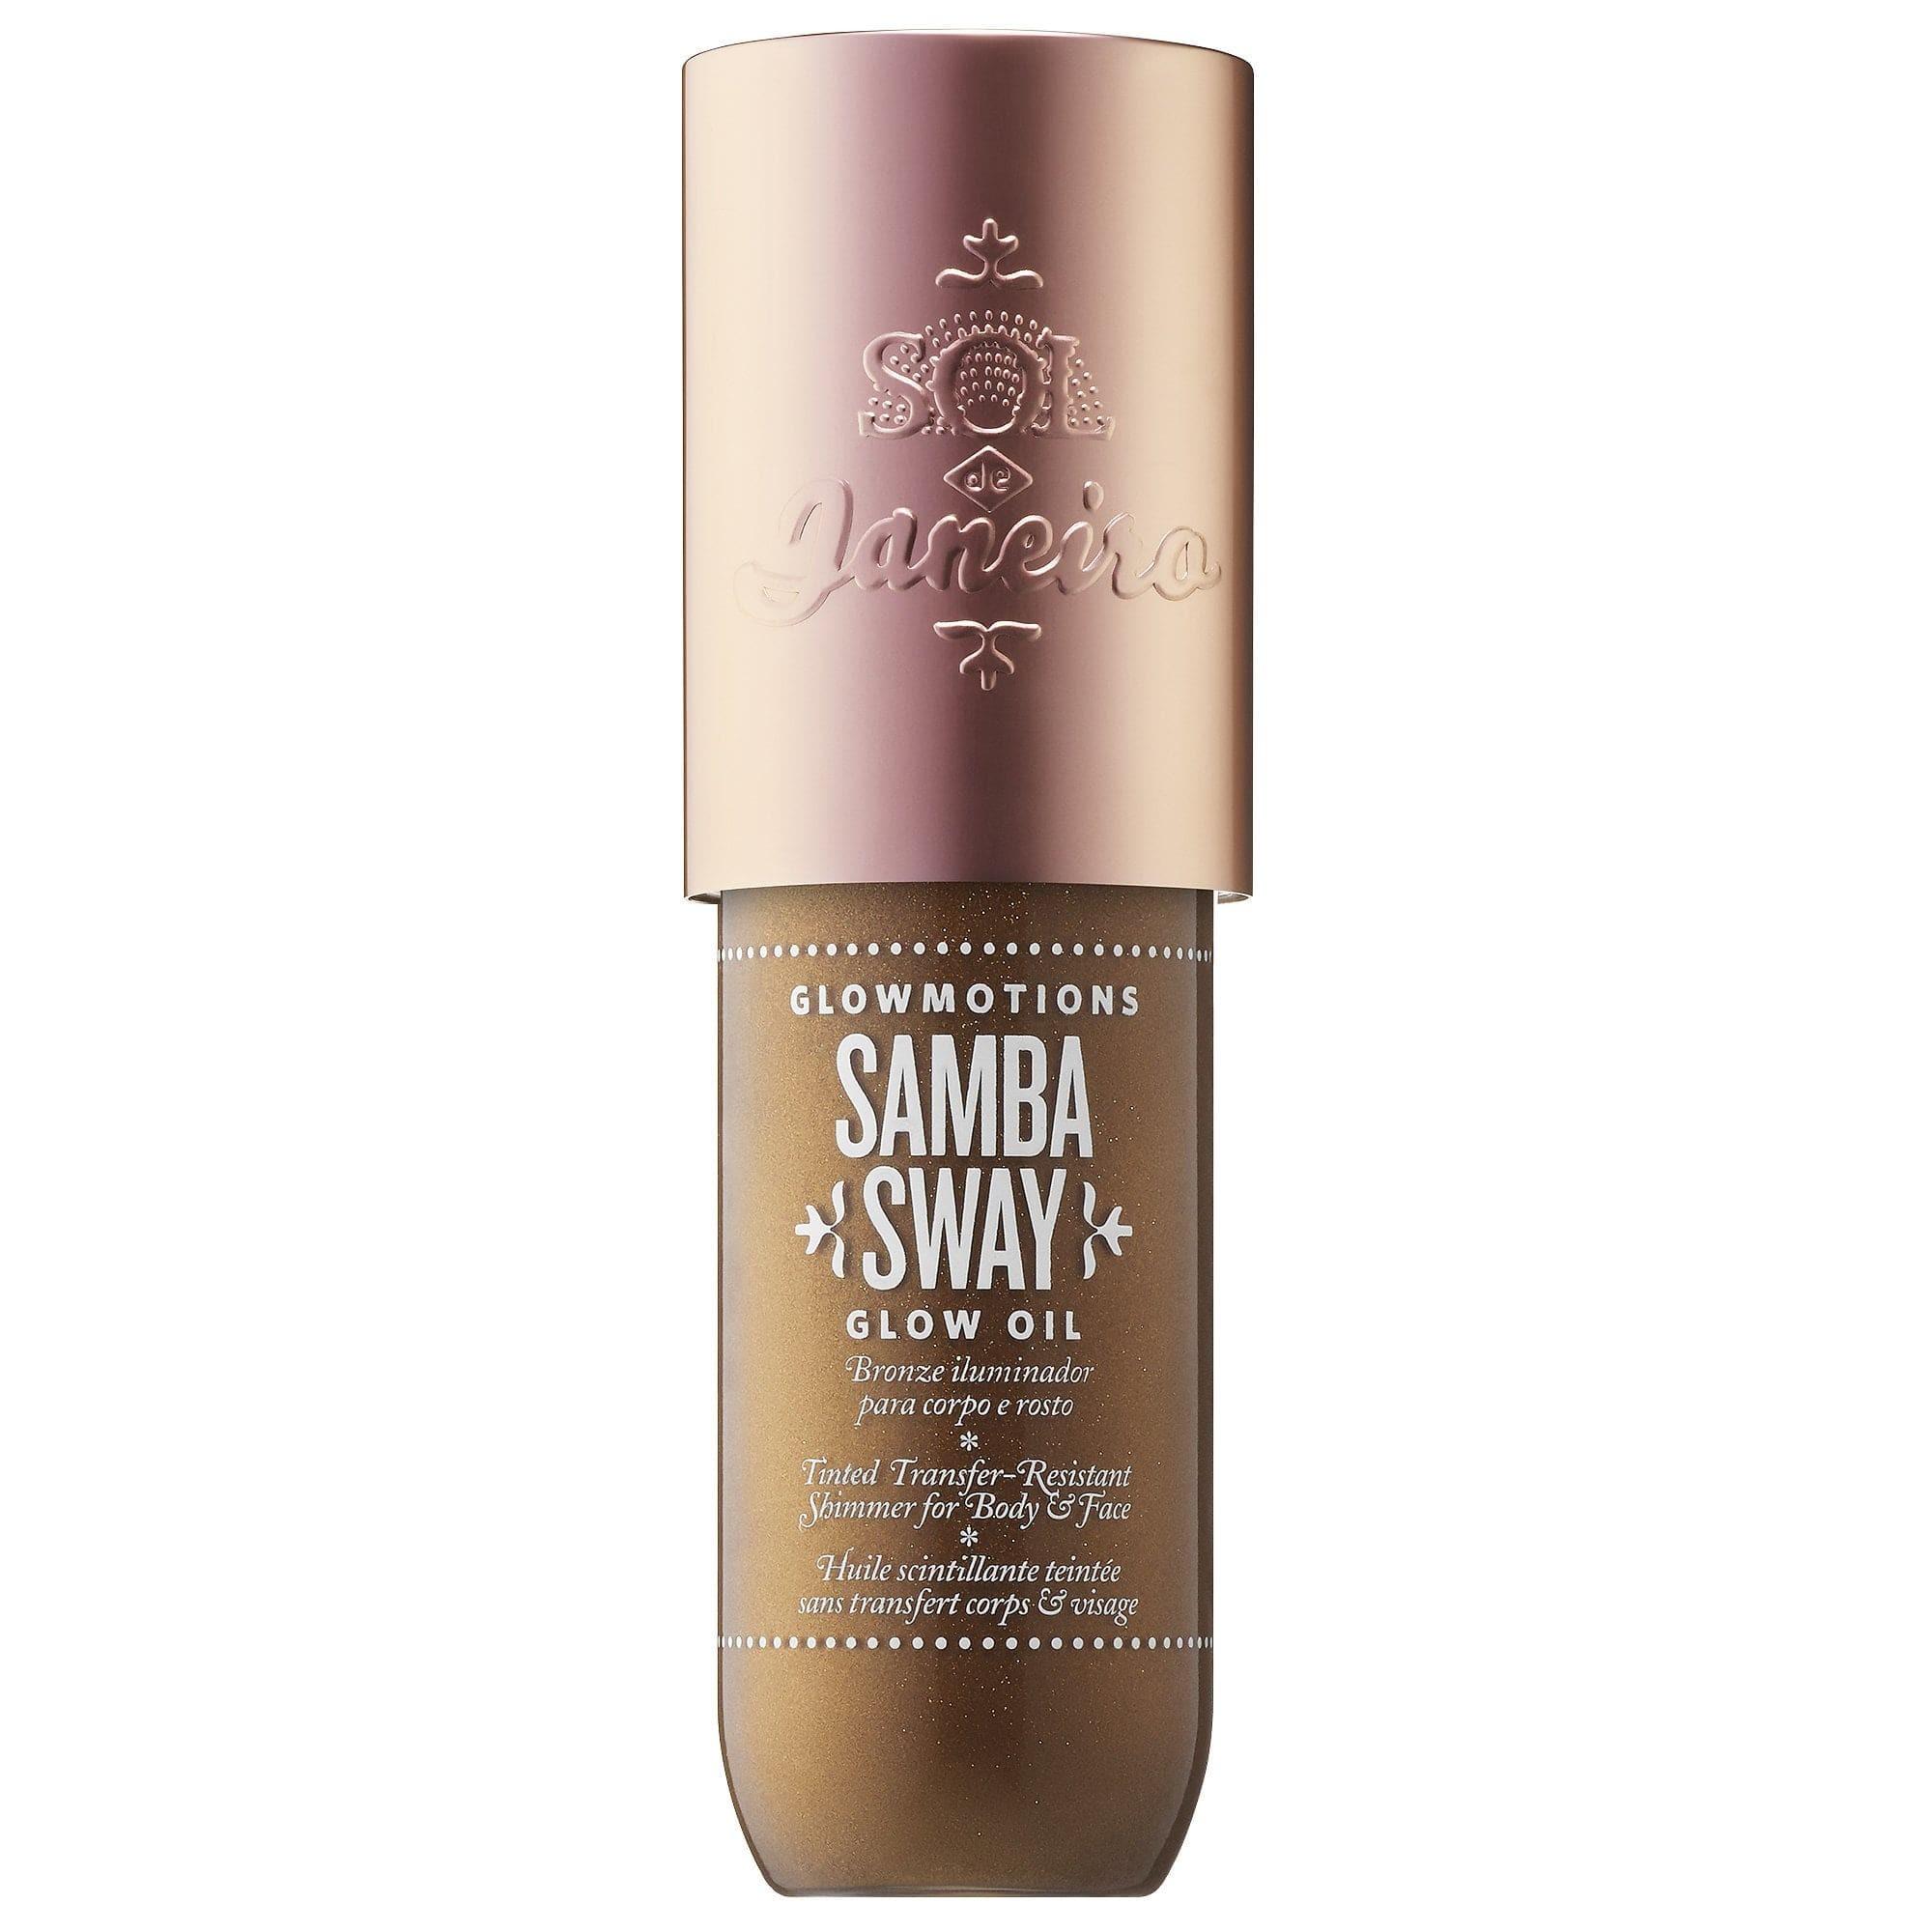 Samba Sway